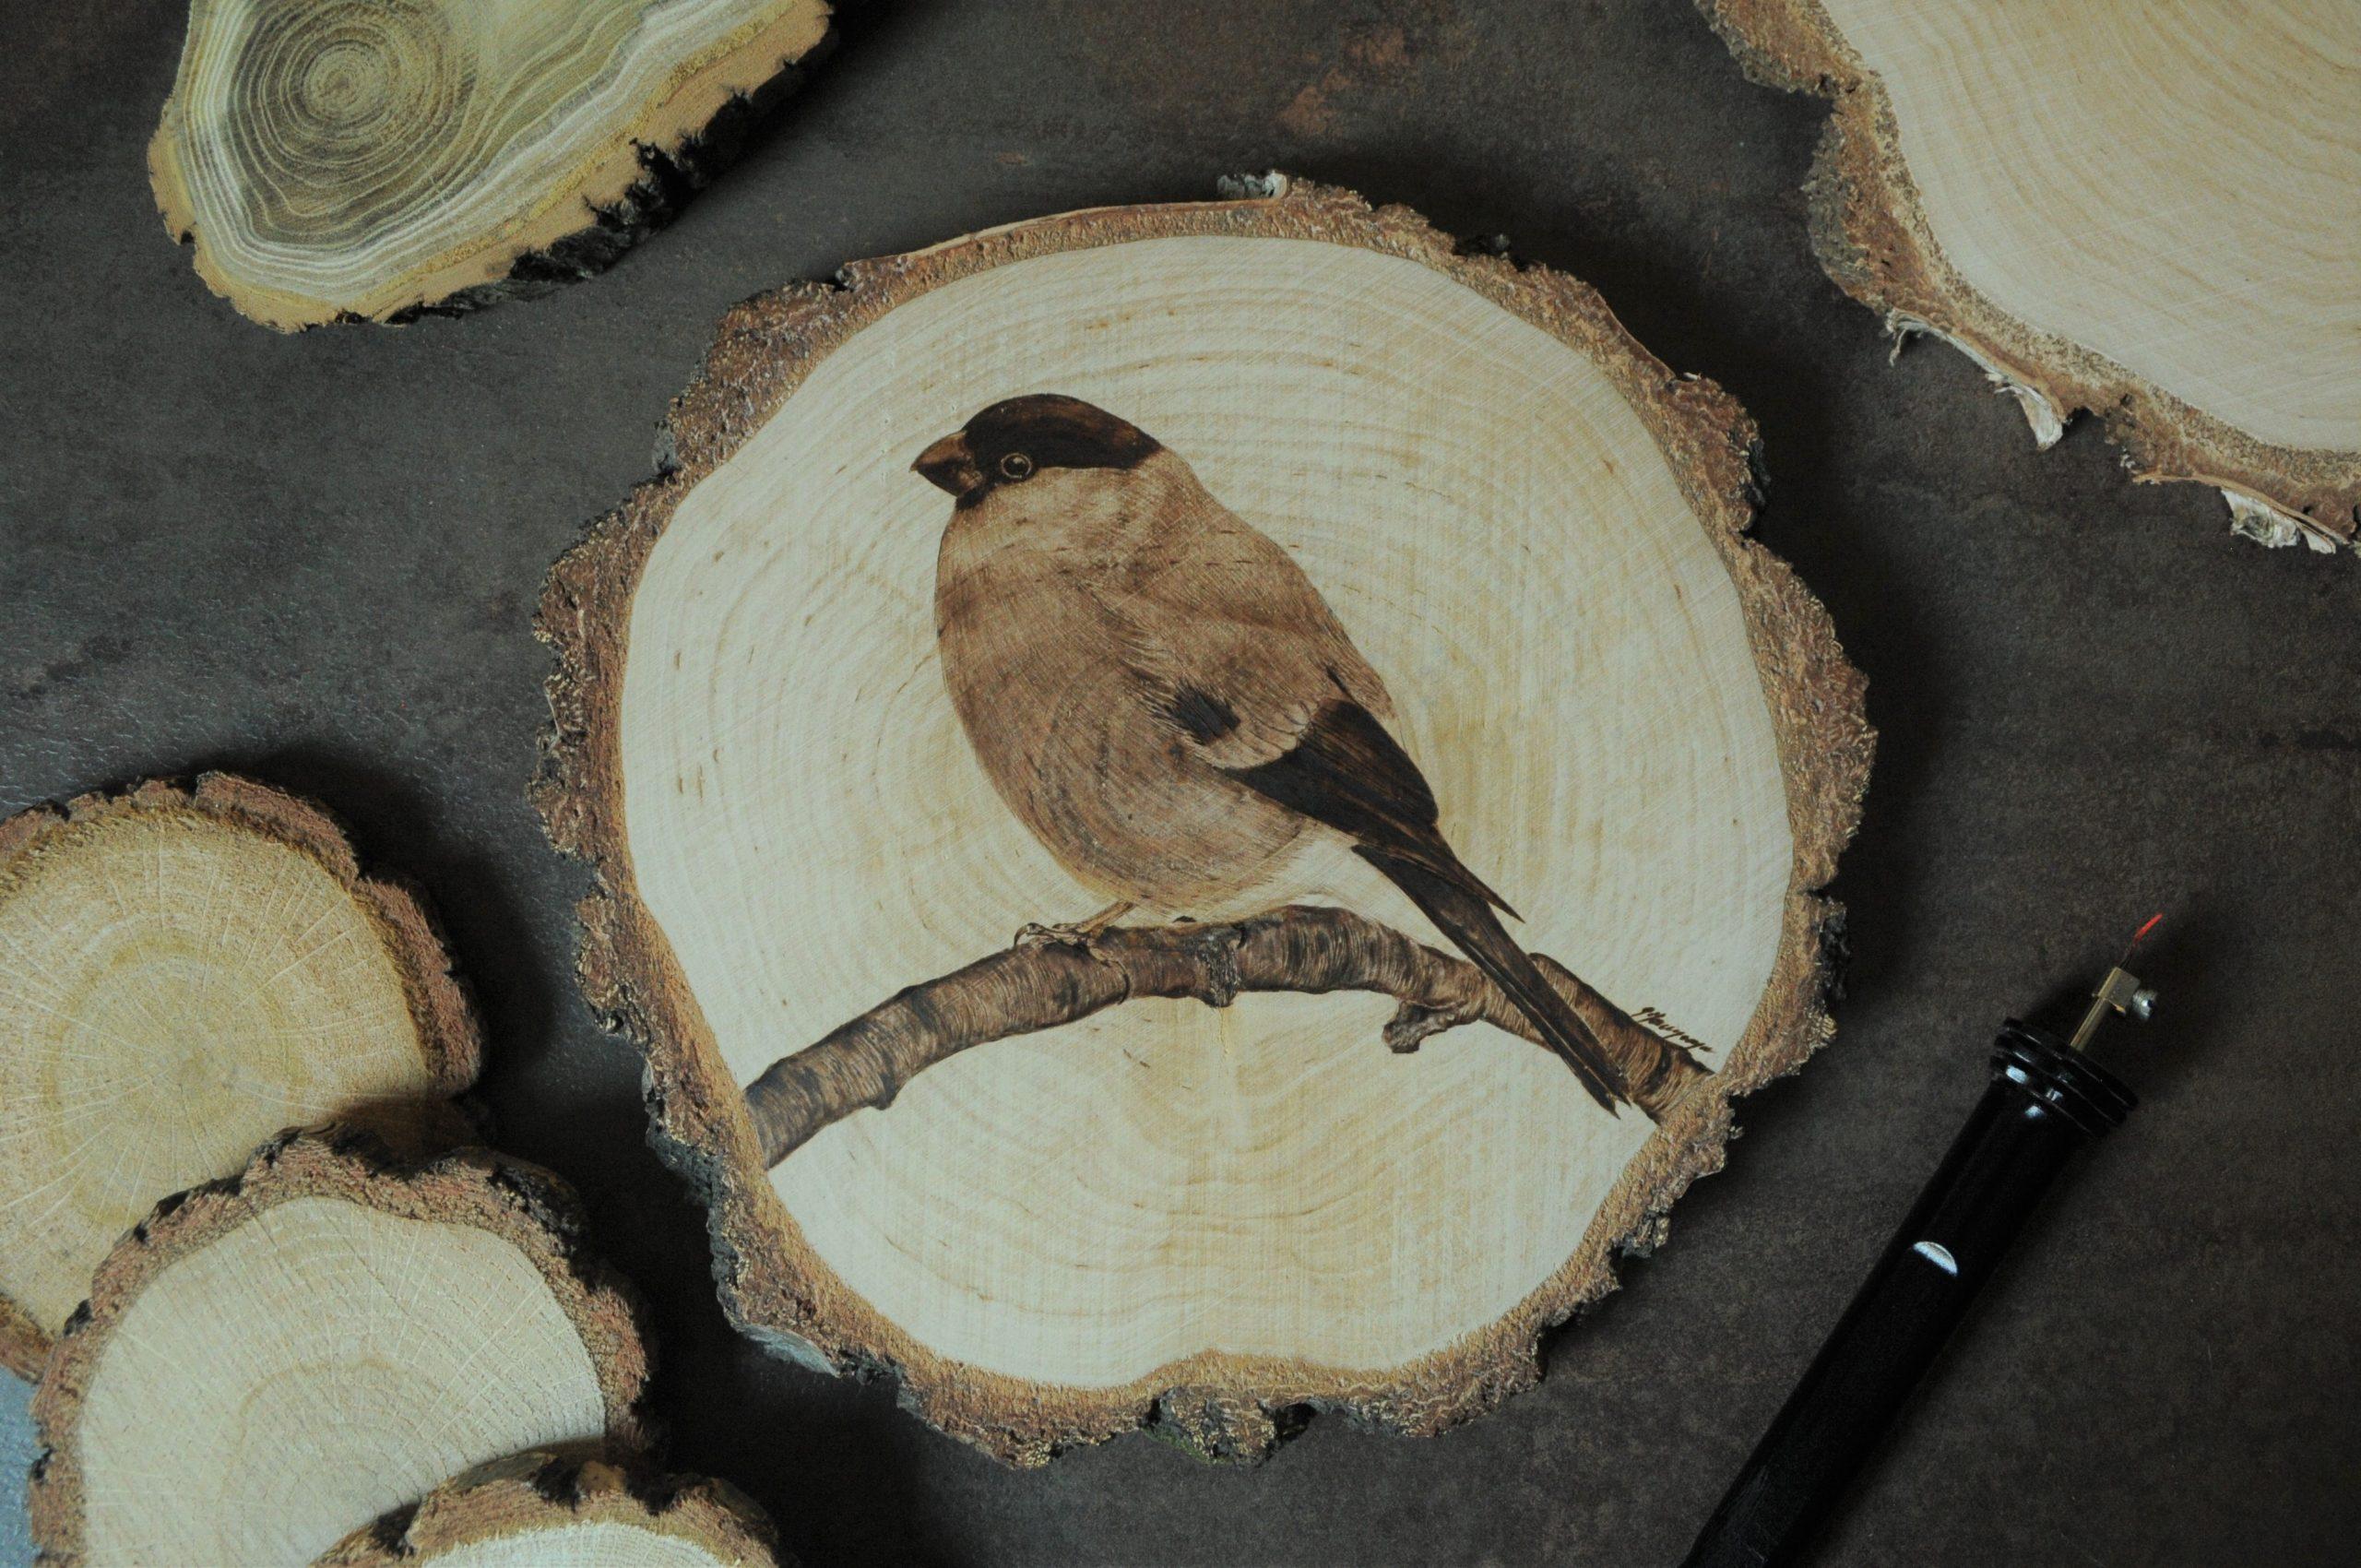 wypalanie w drewnie, sylwia, pirografia, janczyszyn, pyrography, handmade, rękodzieło, pomysł na prezent, gil